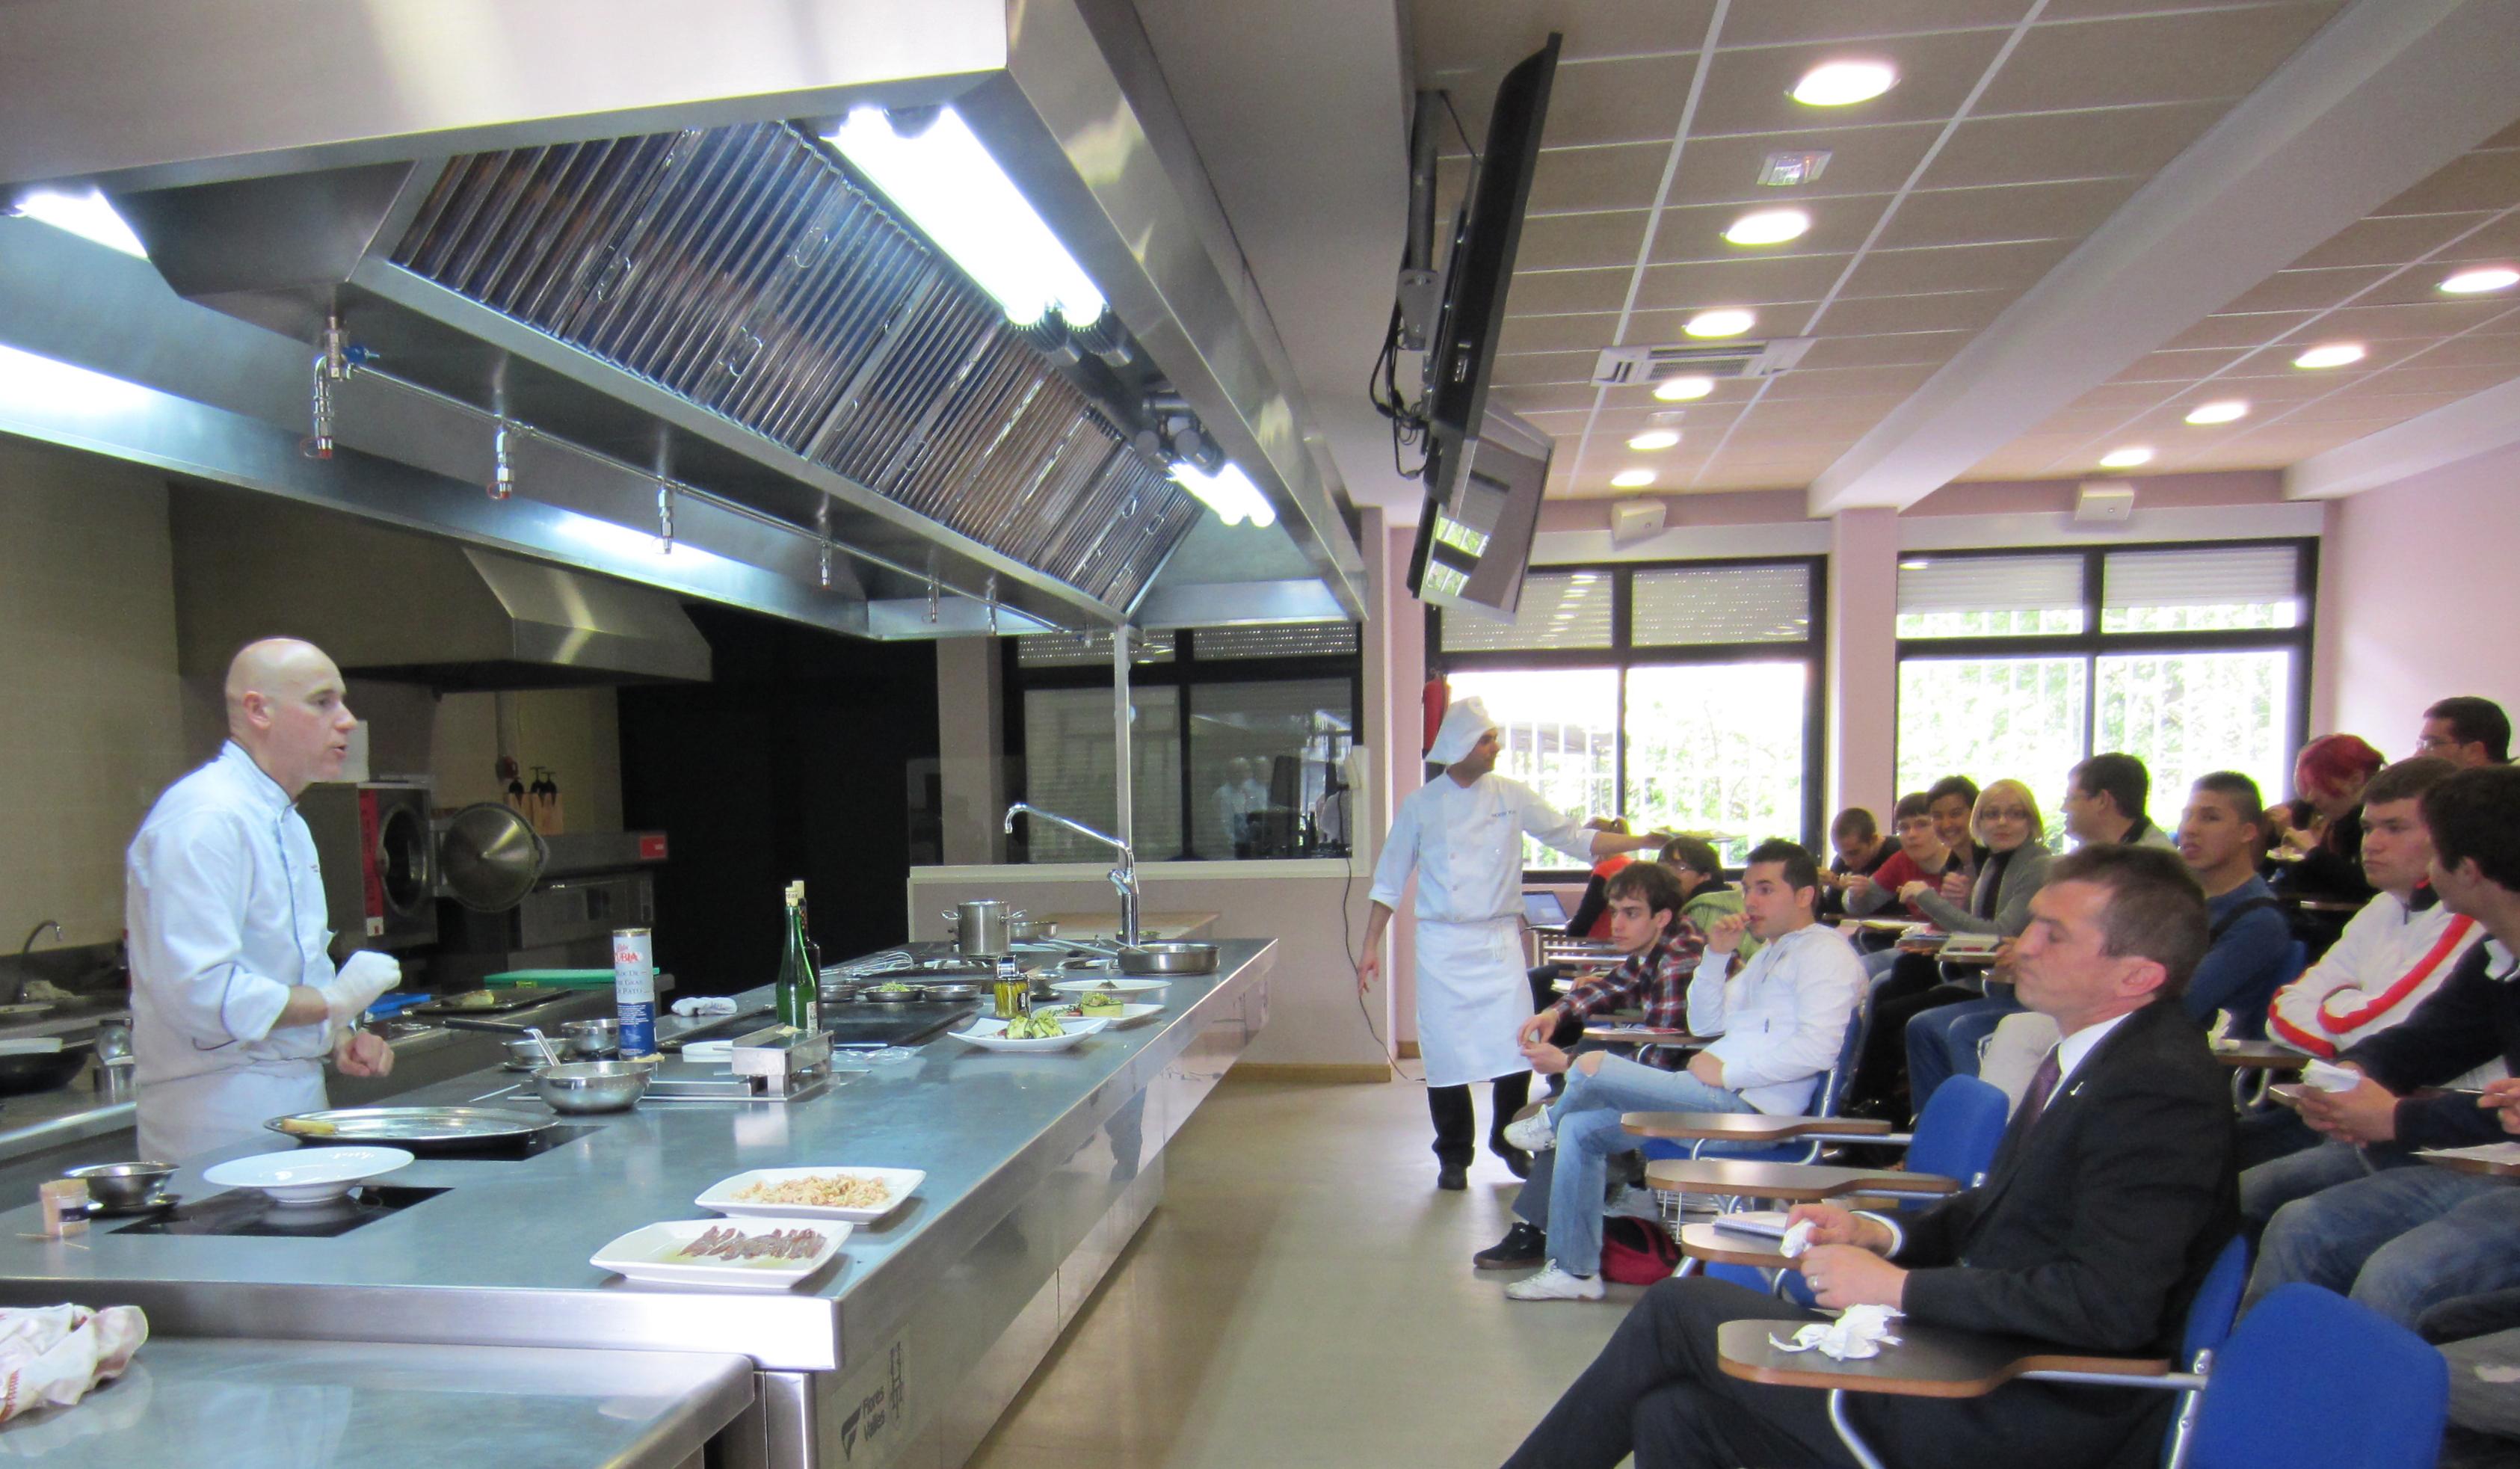 Magnífico Demostración De Cocina Viñeta - Ideas de Decoración de ...